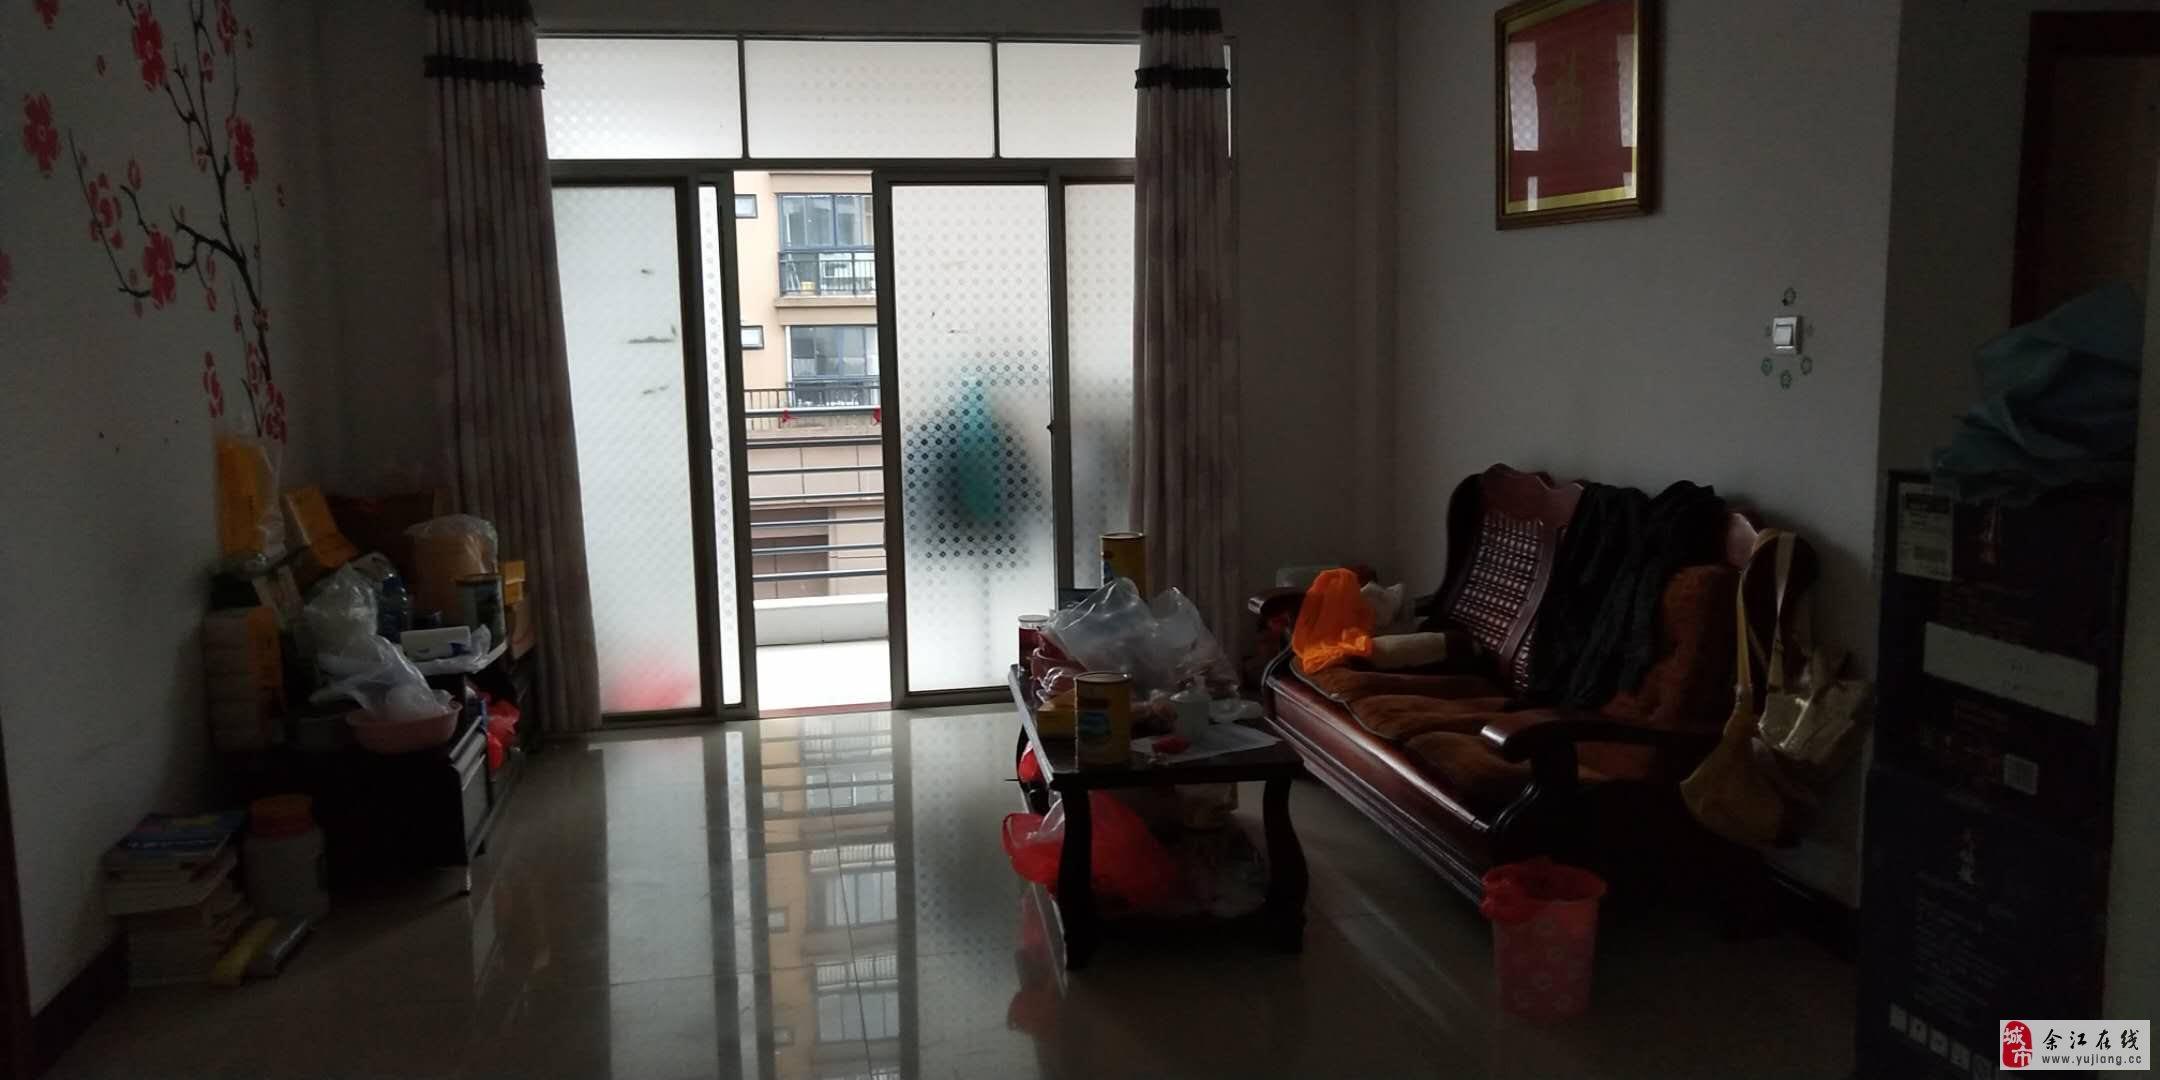 广盛·锦绣名苑3室2厅1卫47万元(房号5)